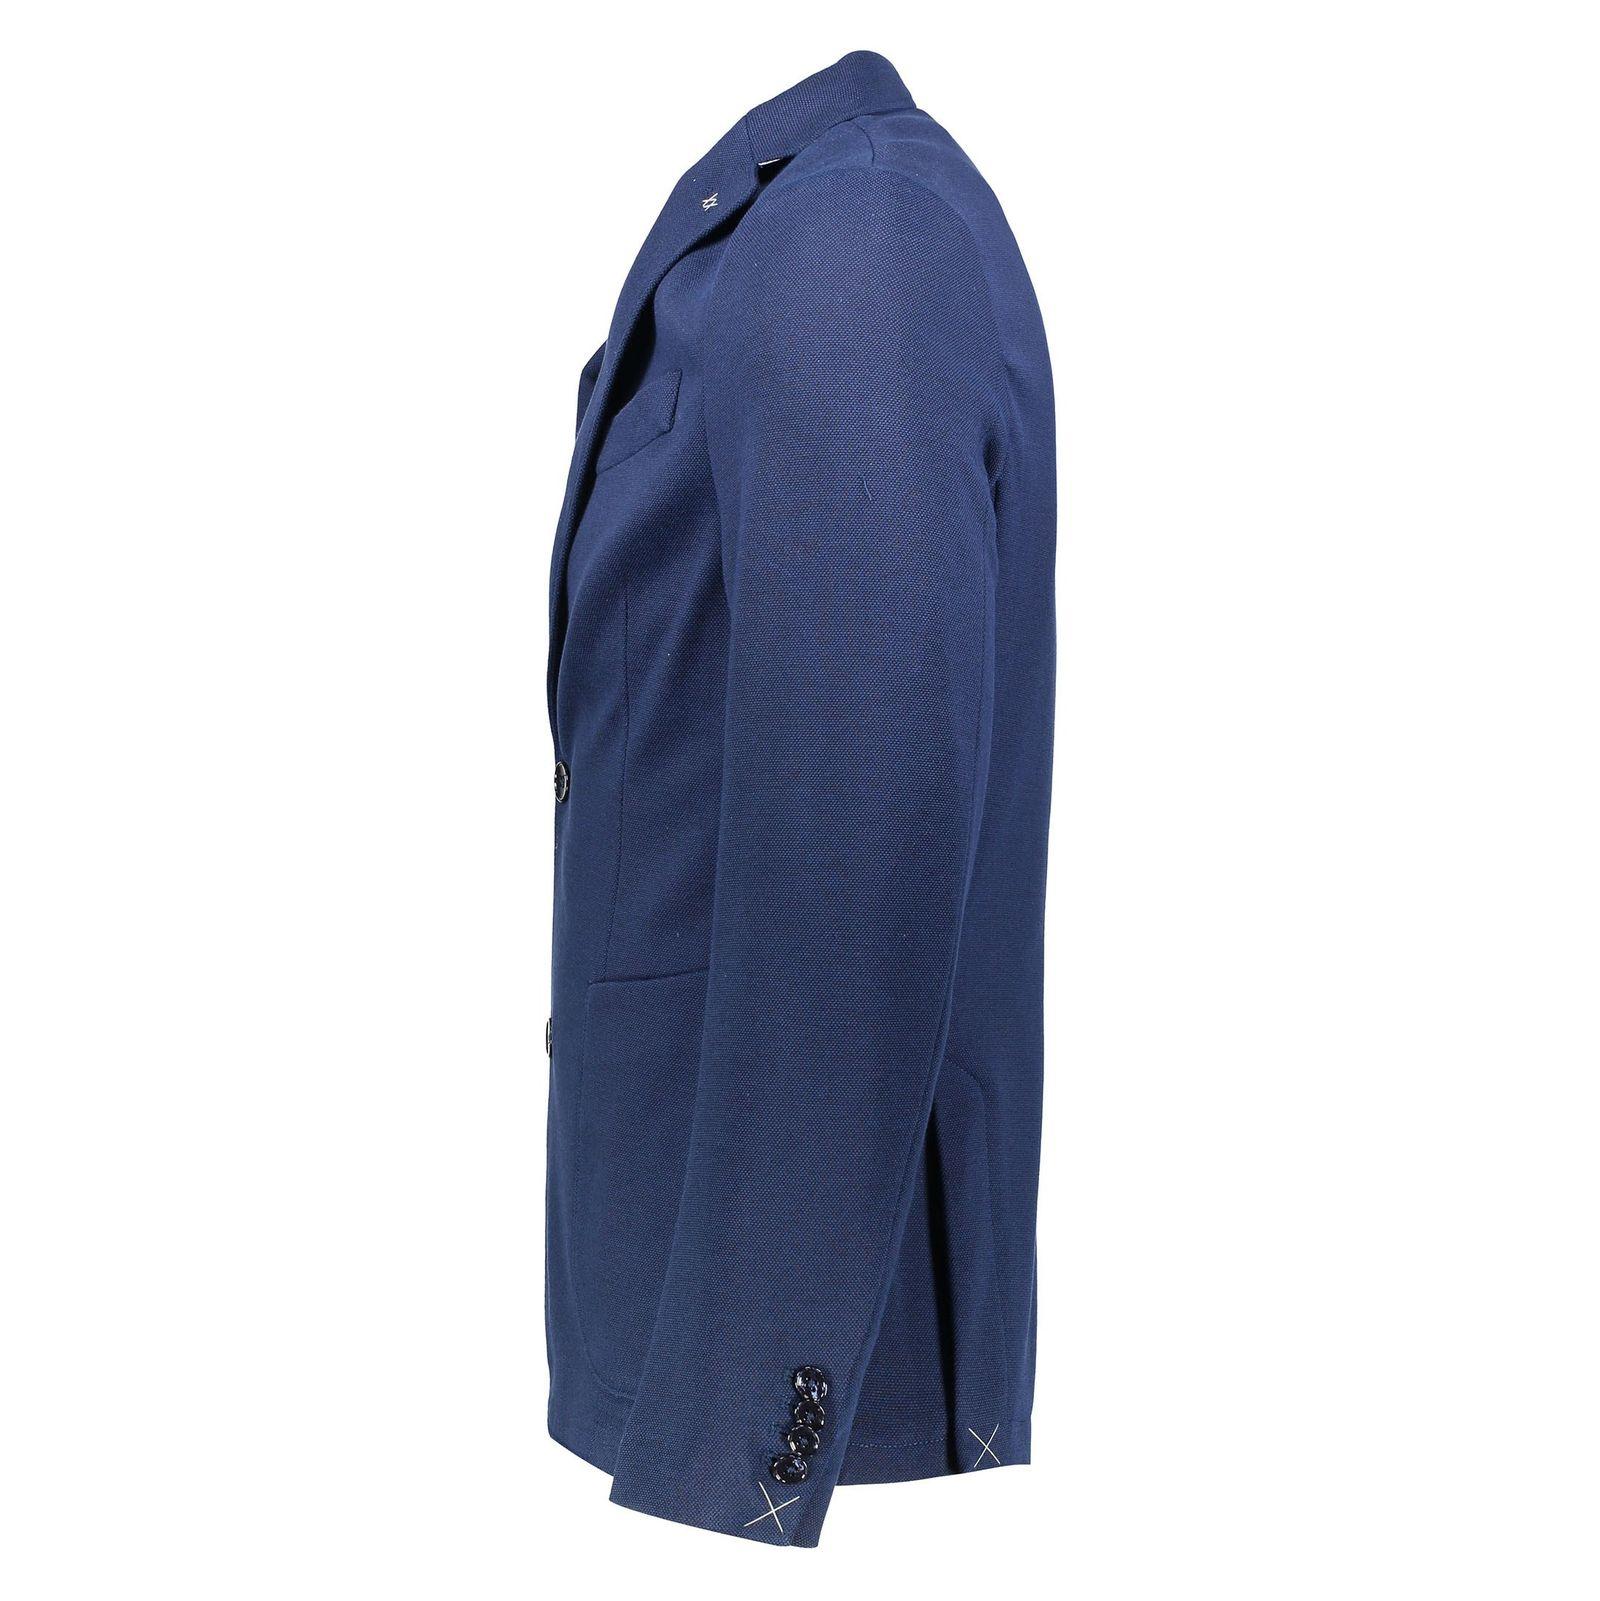 کت تک غیر رسمی نخی مردانه - مانگو - سرمه اي - 4